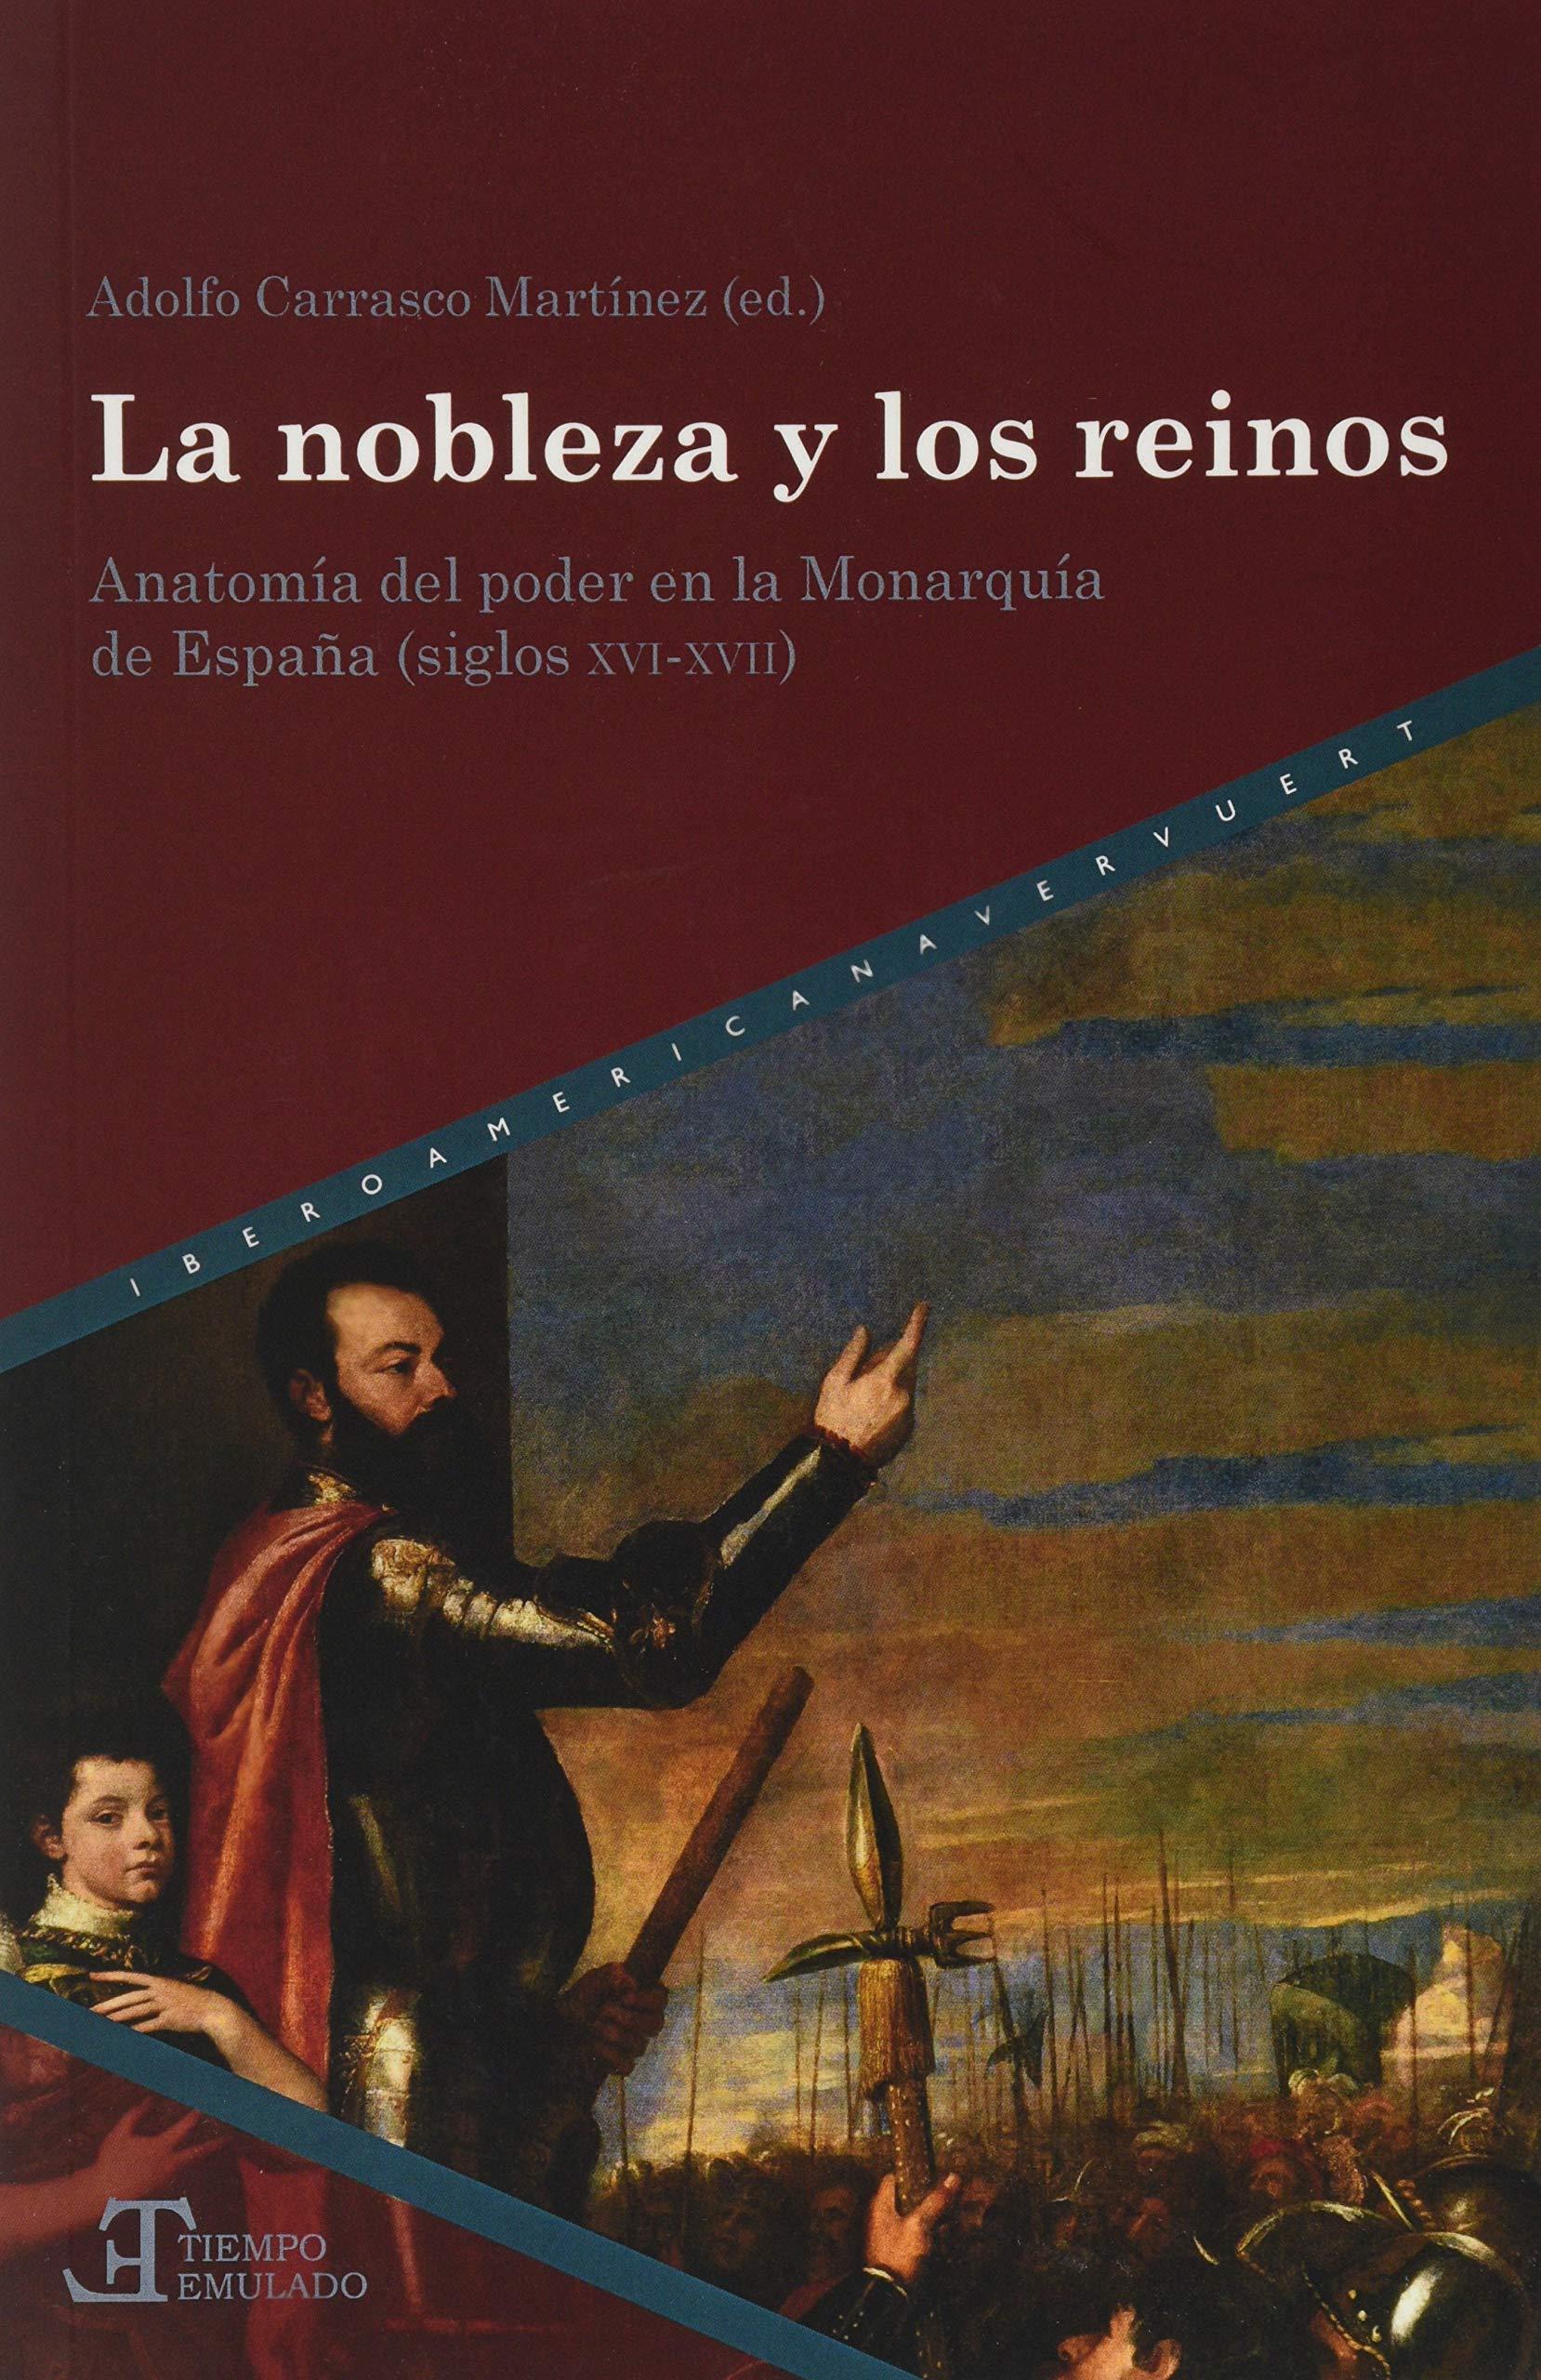 La nobleza y los reinos. Anatomía del poder en la monarquía de España siglos XVI-XVII: Amazon.es: Carrasco Martínez, Adolfo: Libros